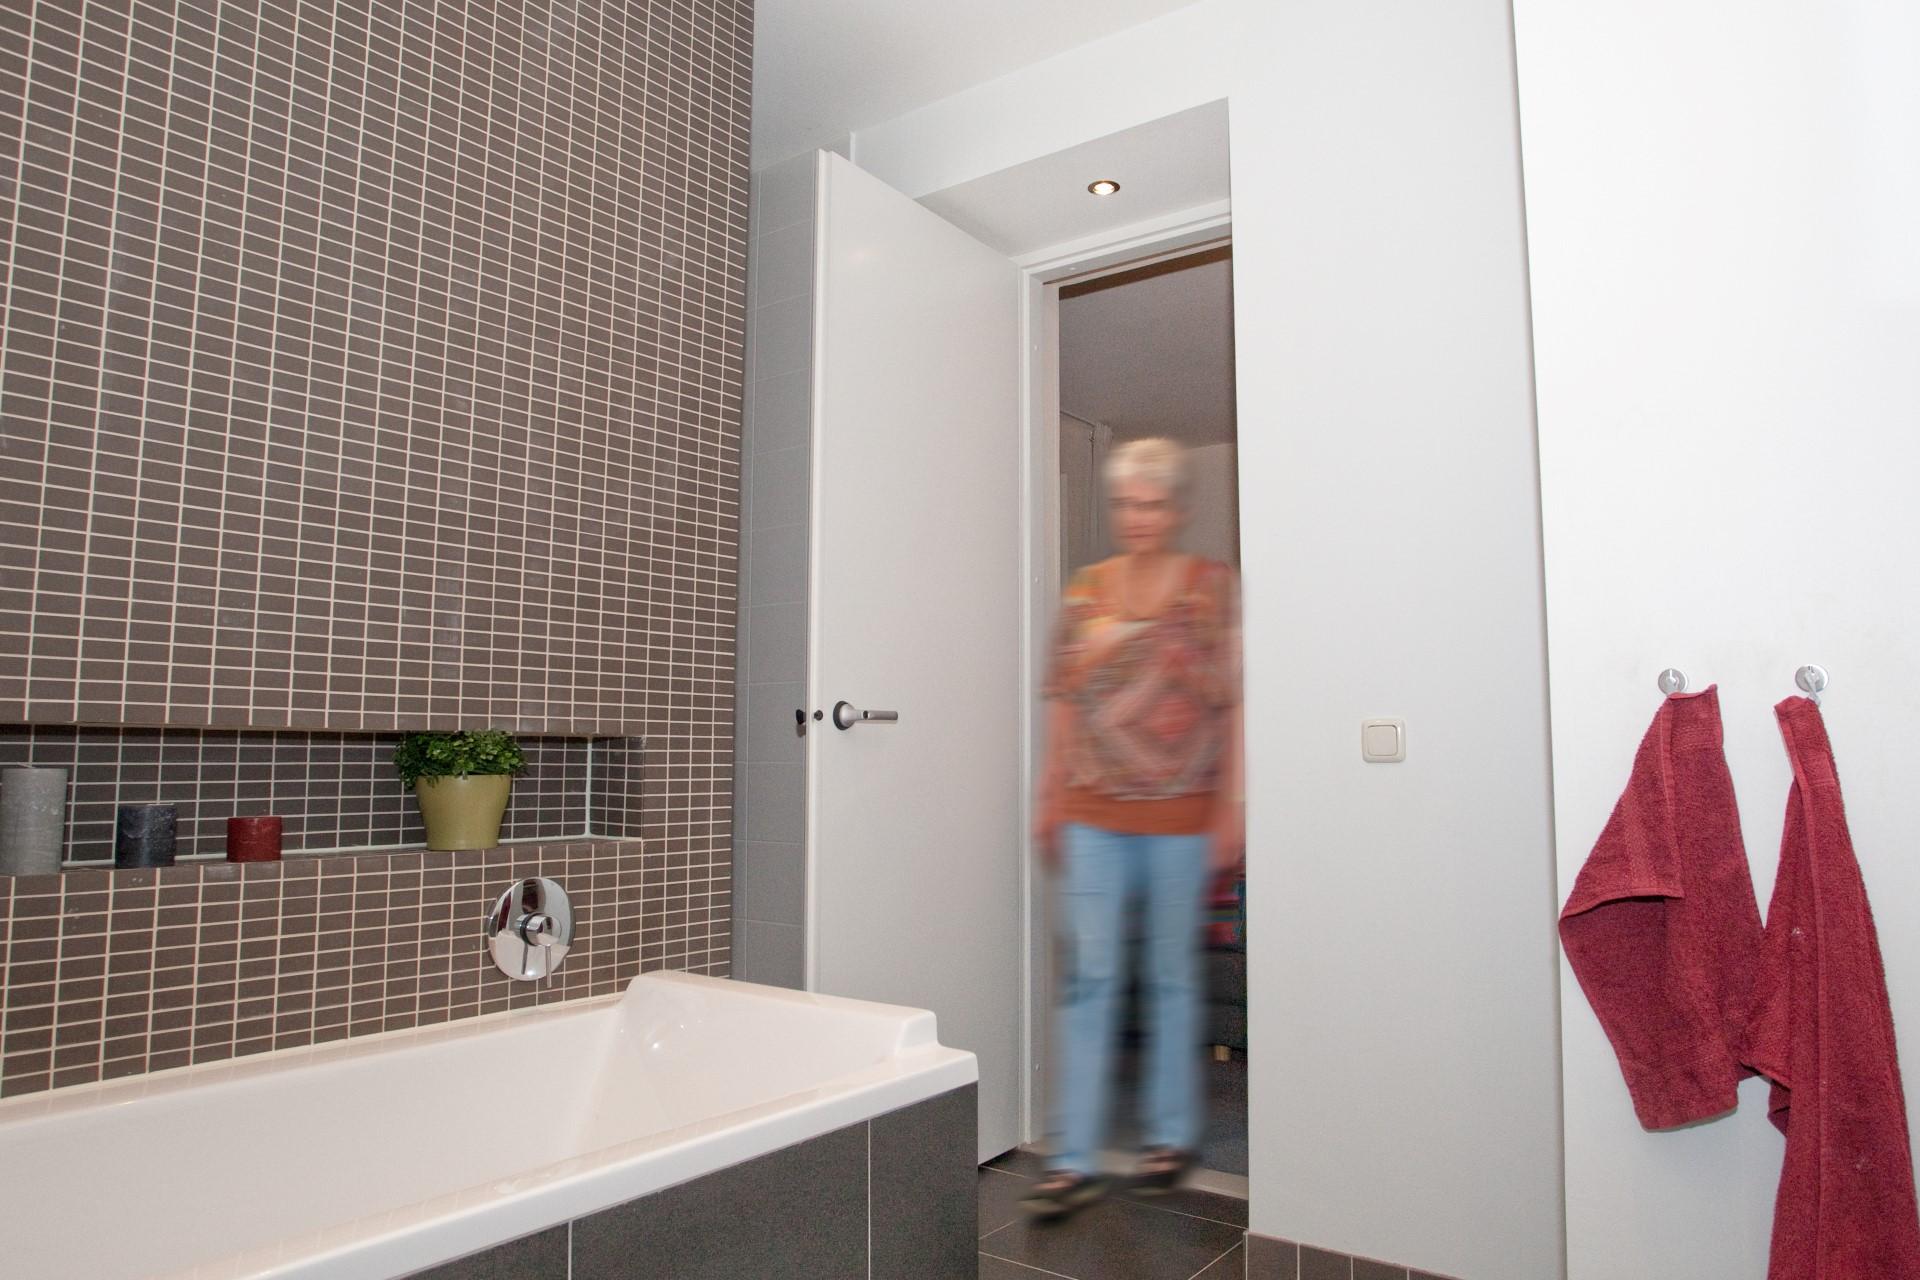 Vanuit onze slaapkamer lopen we zo de badkamer in (Lenny)